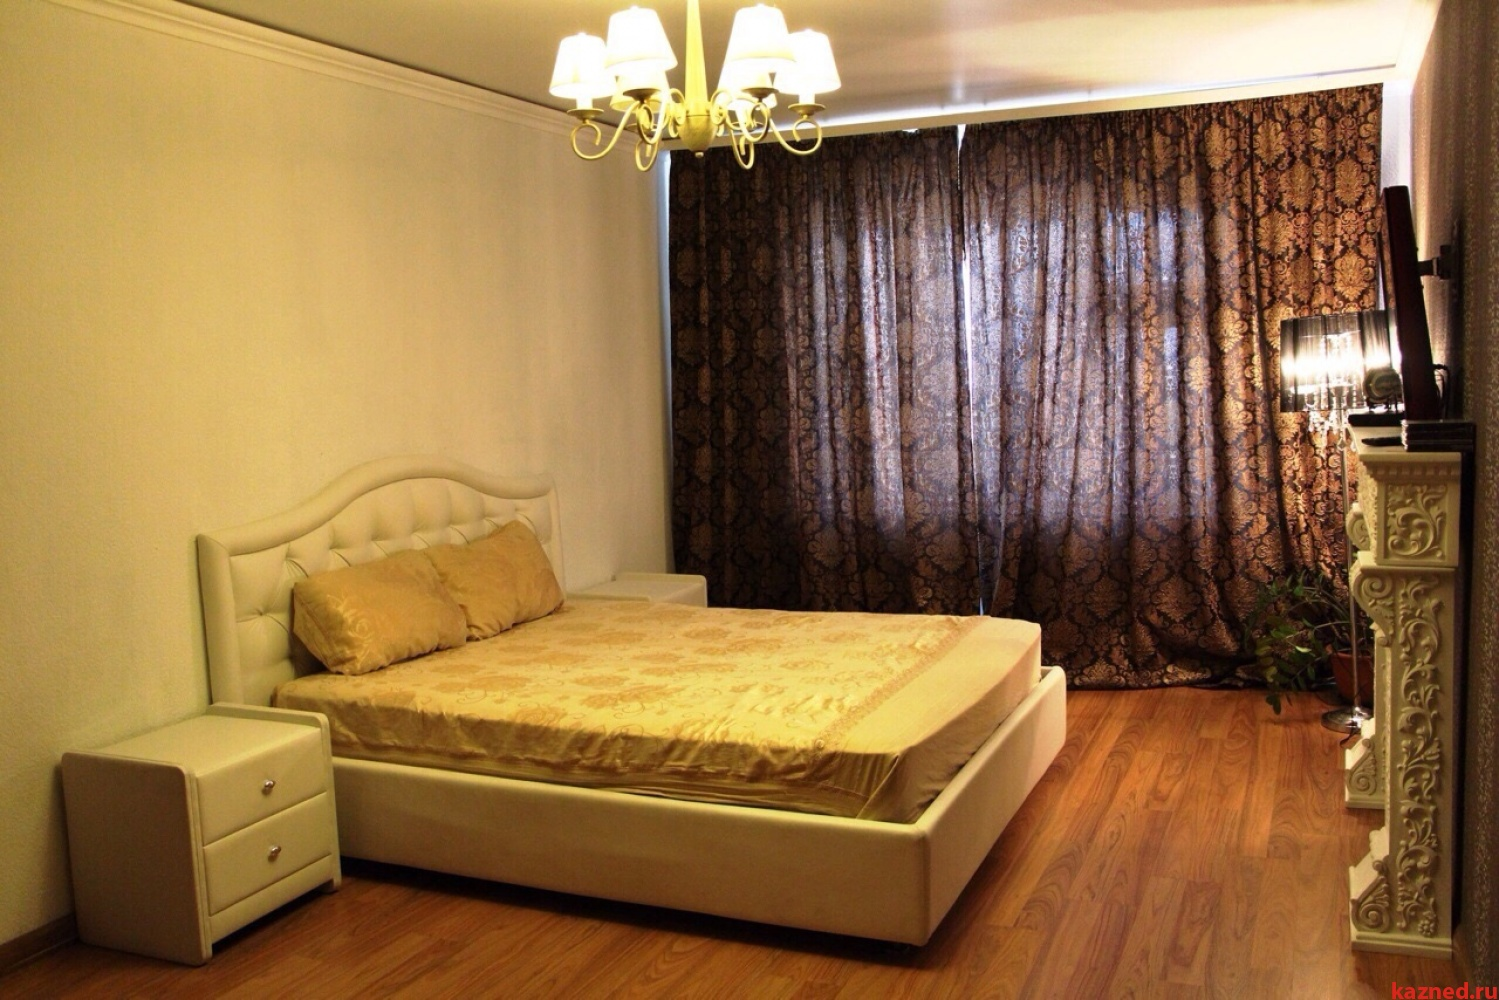 Продажа 2-к квартиры Проспект Победы,78, 66 м²  (миниатюра №1)